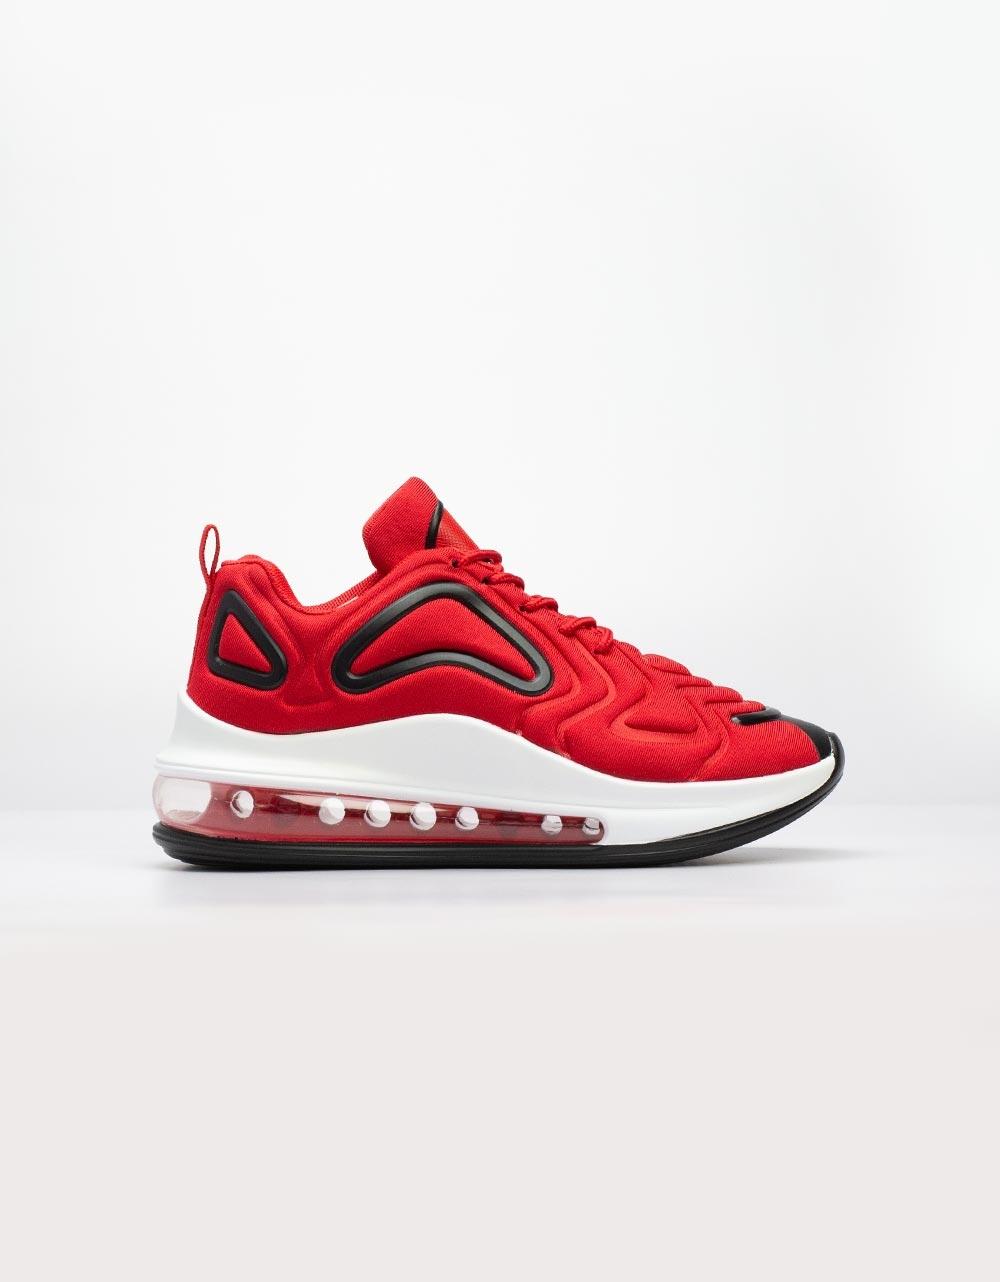 Εικόνα από Γυναικεία sneakers με αερόσολα και ανάγλυφα σχέδια Κόκκινο/Μαύρο